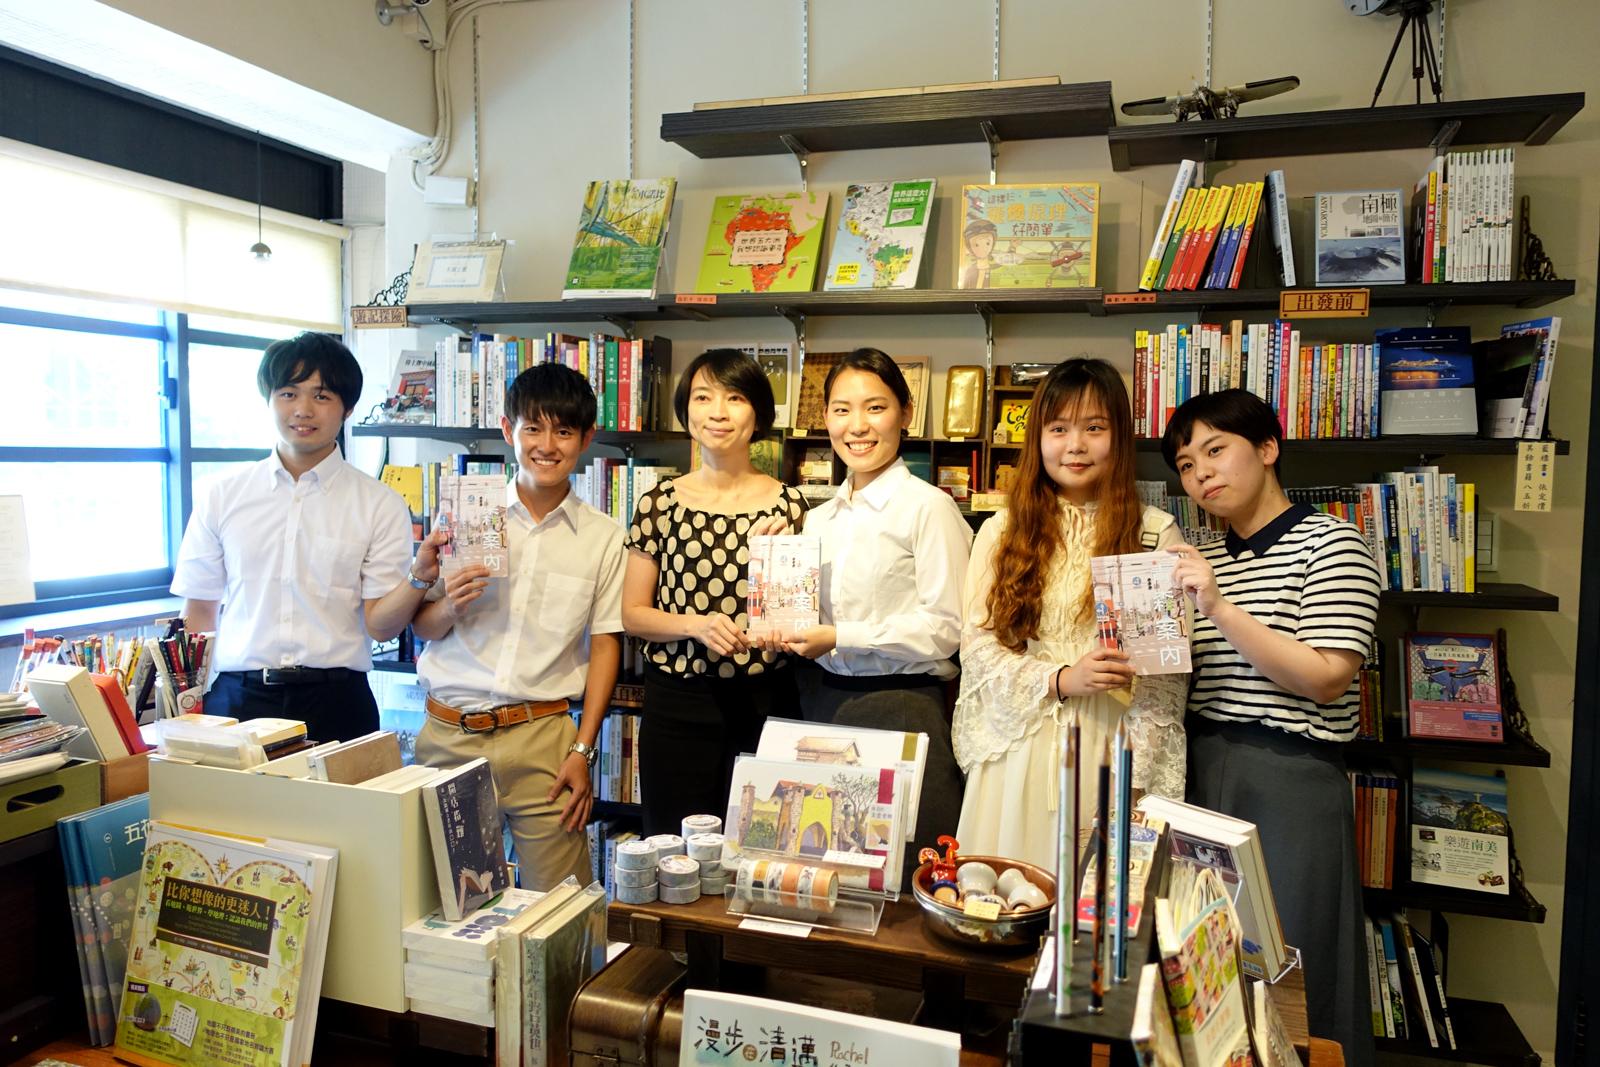 旅人書房さんで青森県ガイドブックの販売が決まる